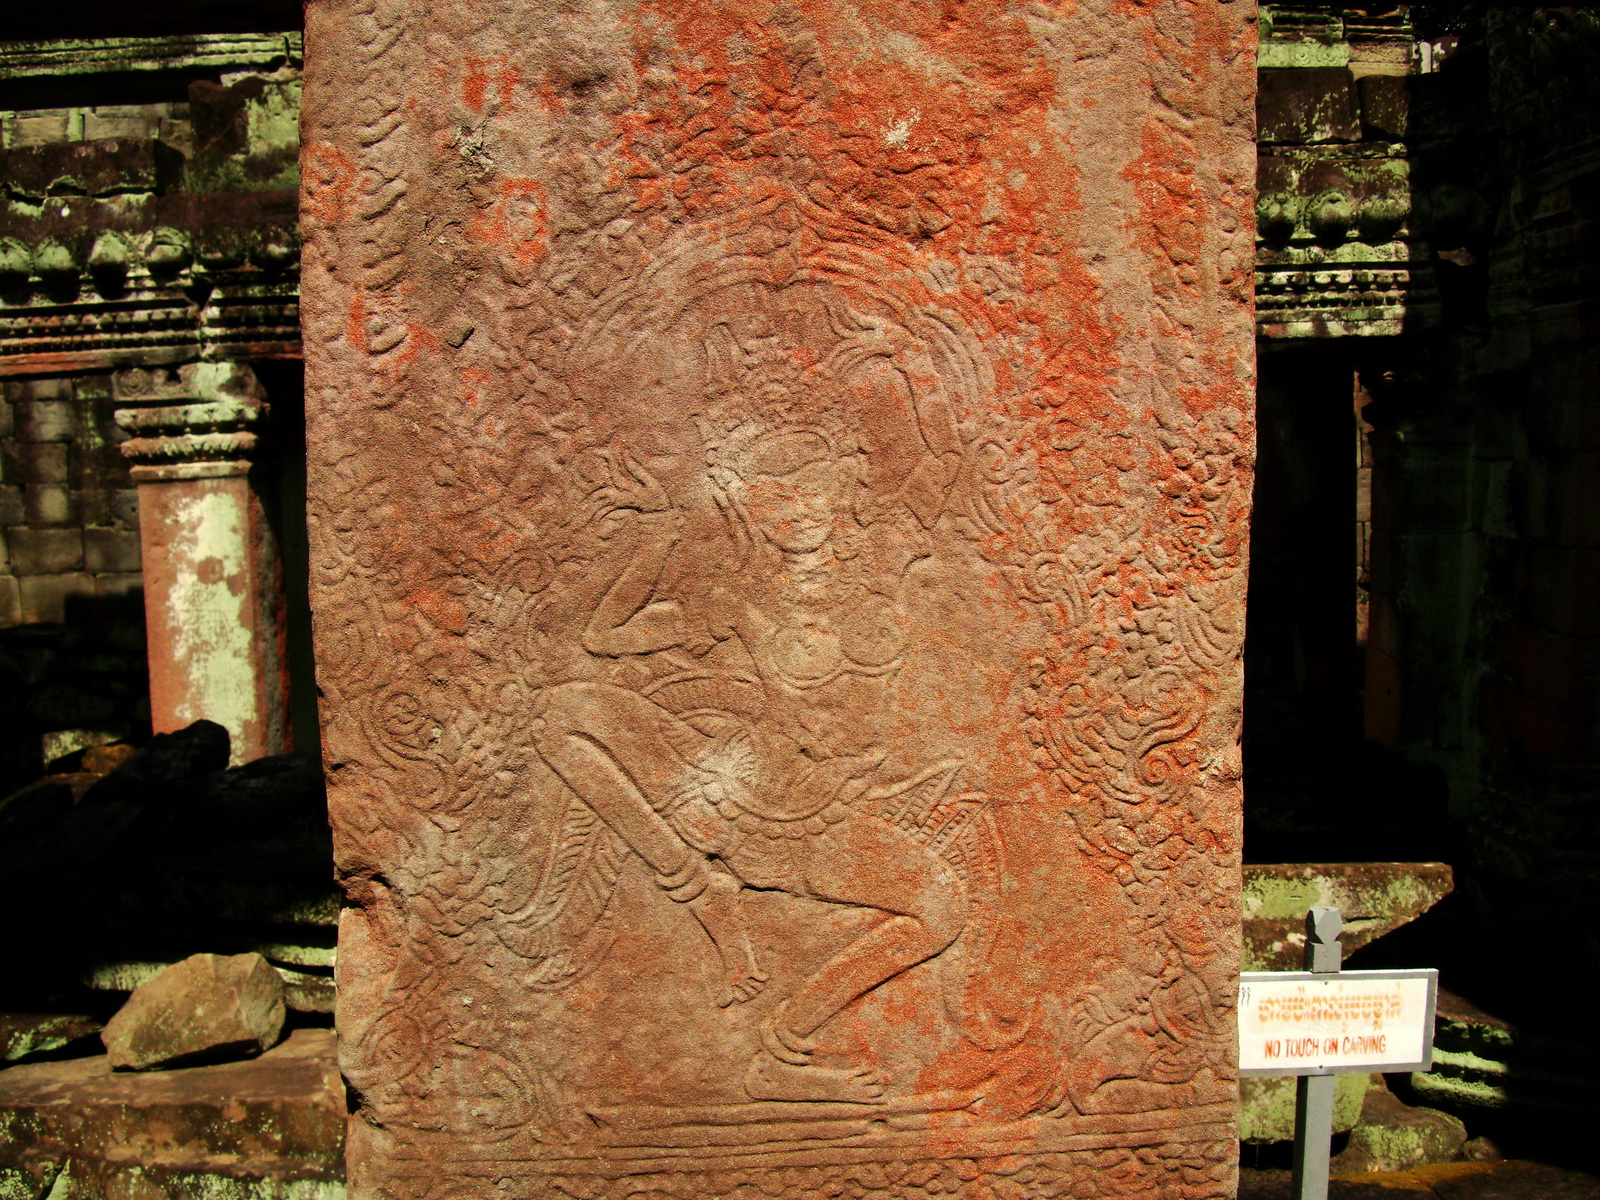 Preah Khan Temple Bas relief dancing Apsaras hall of dancers 13